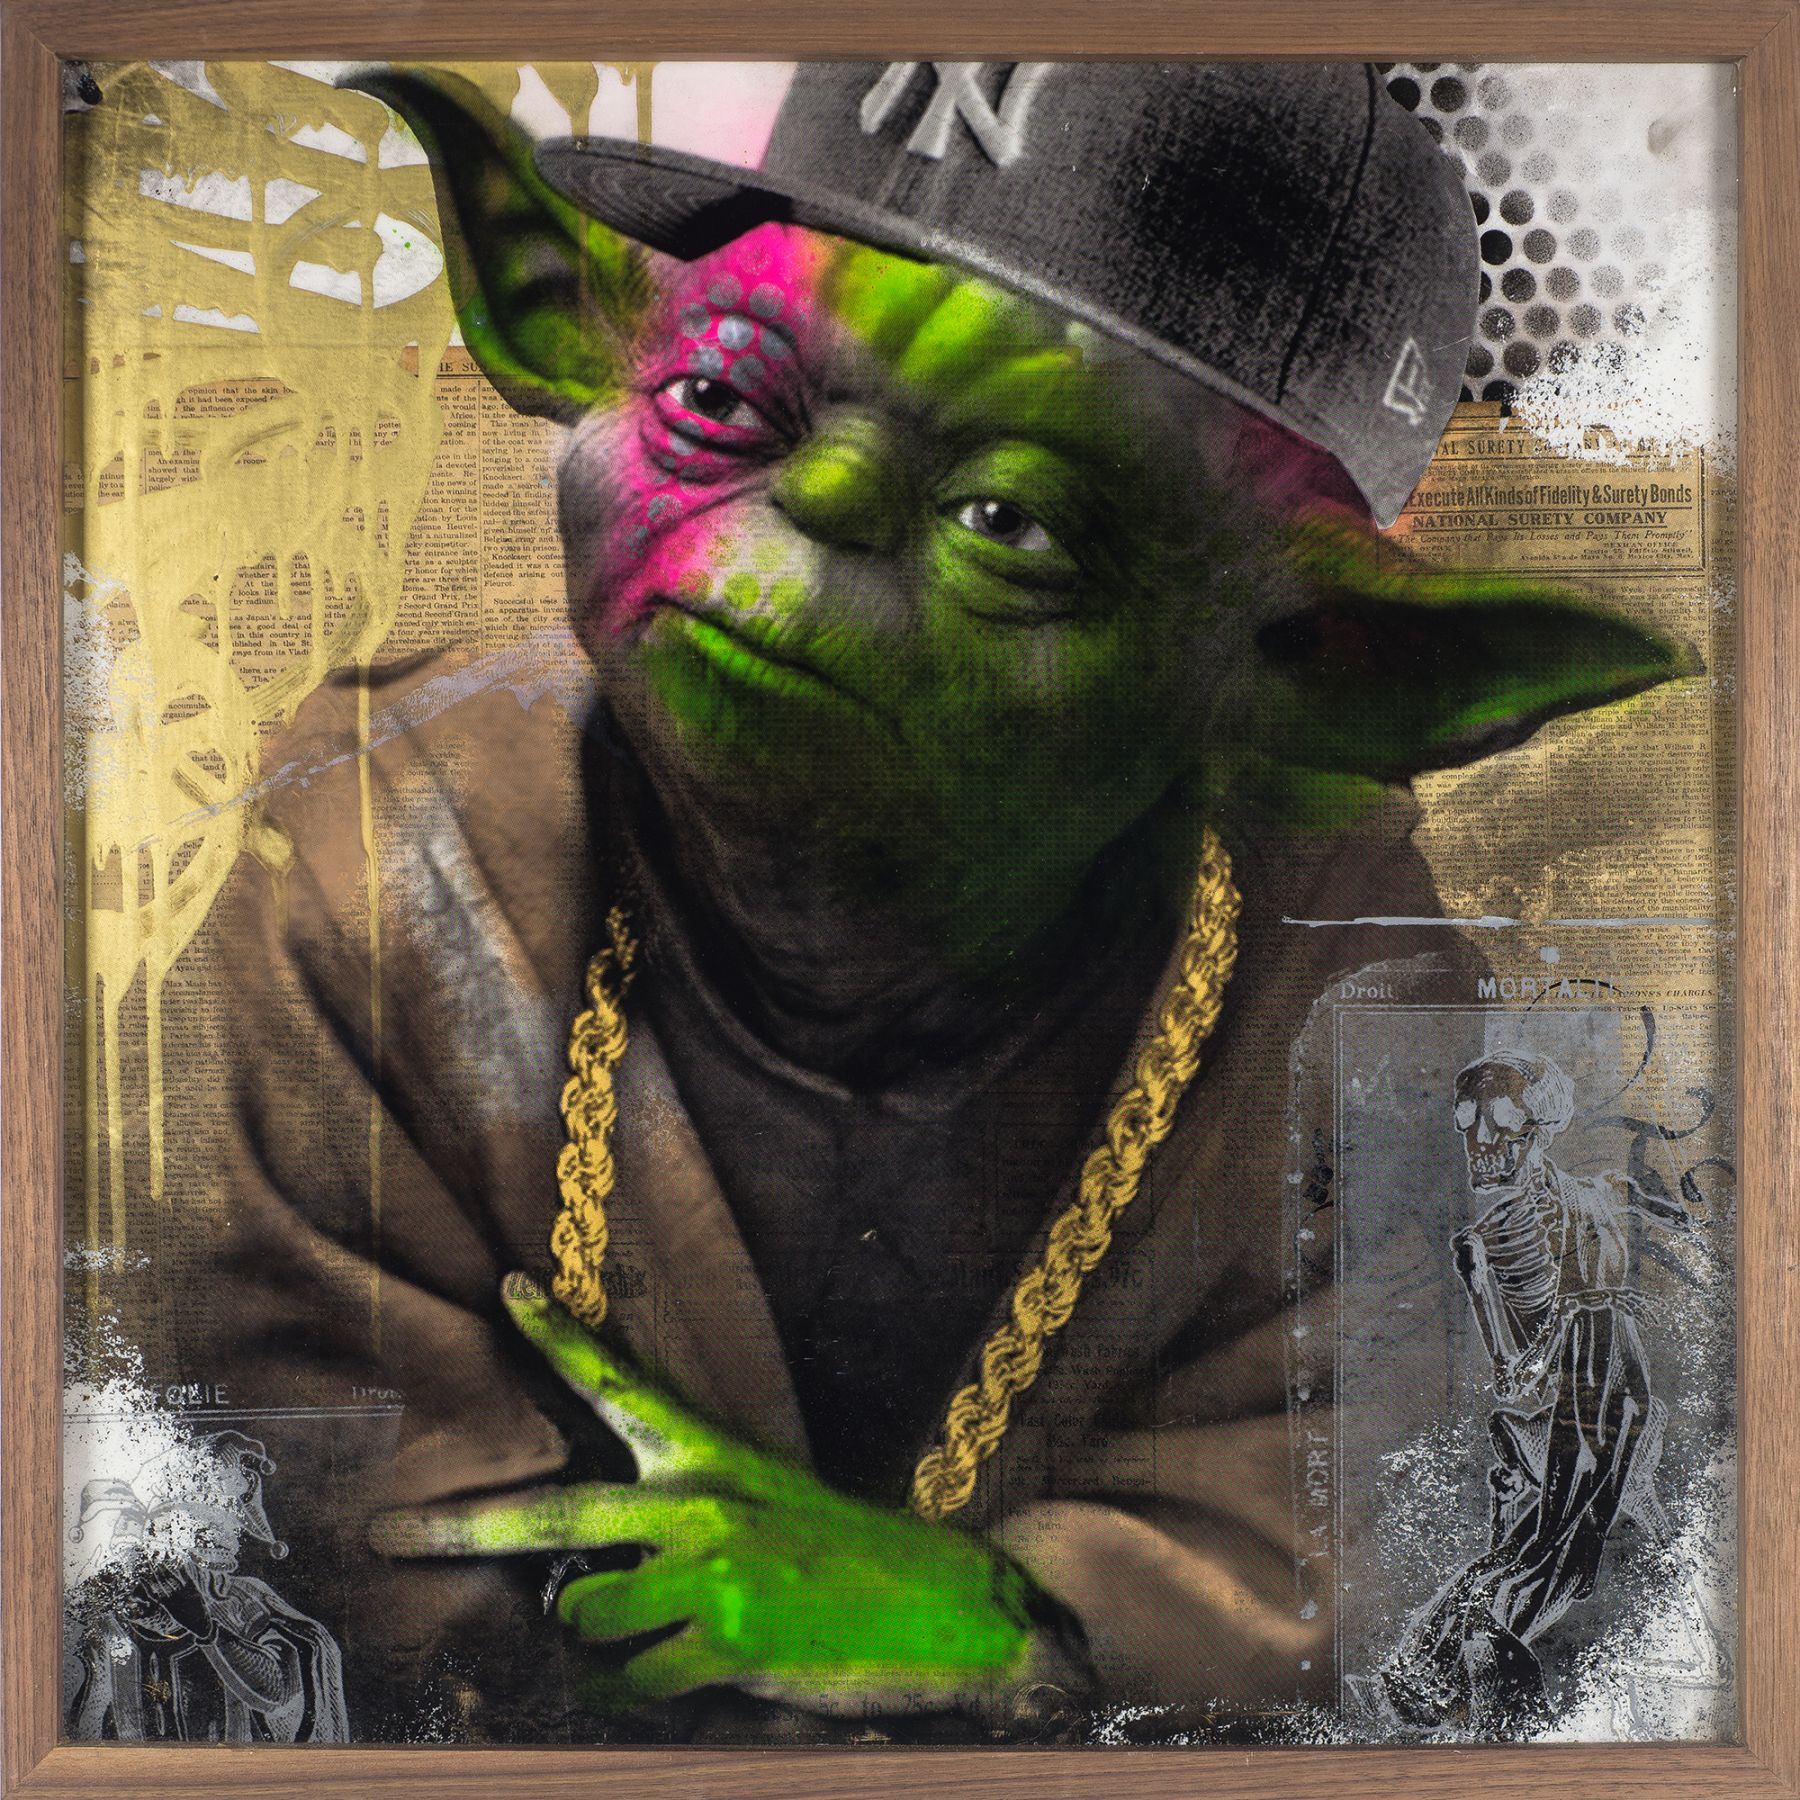 Yoda by BNS